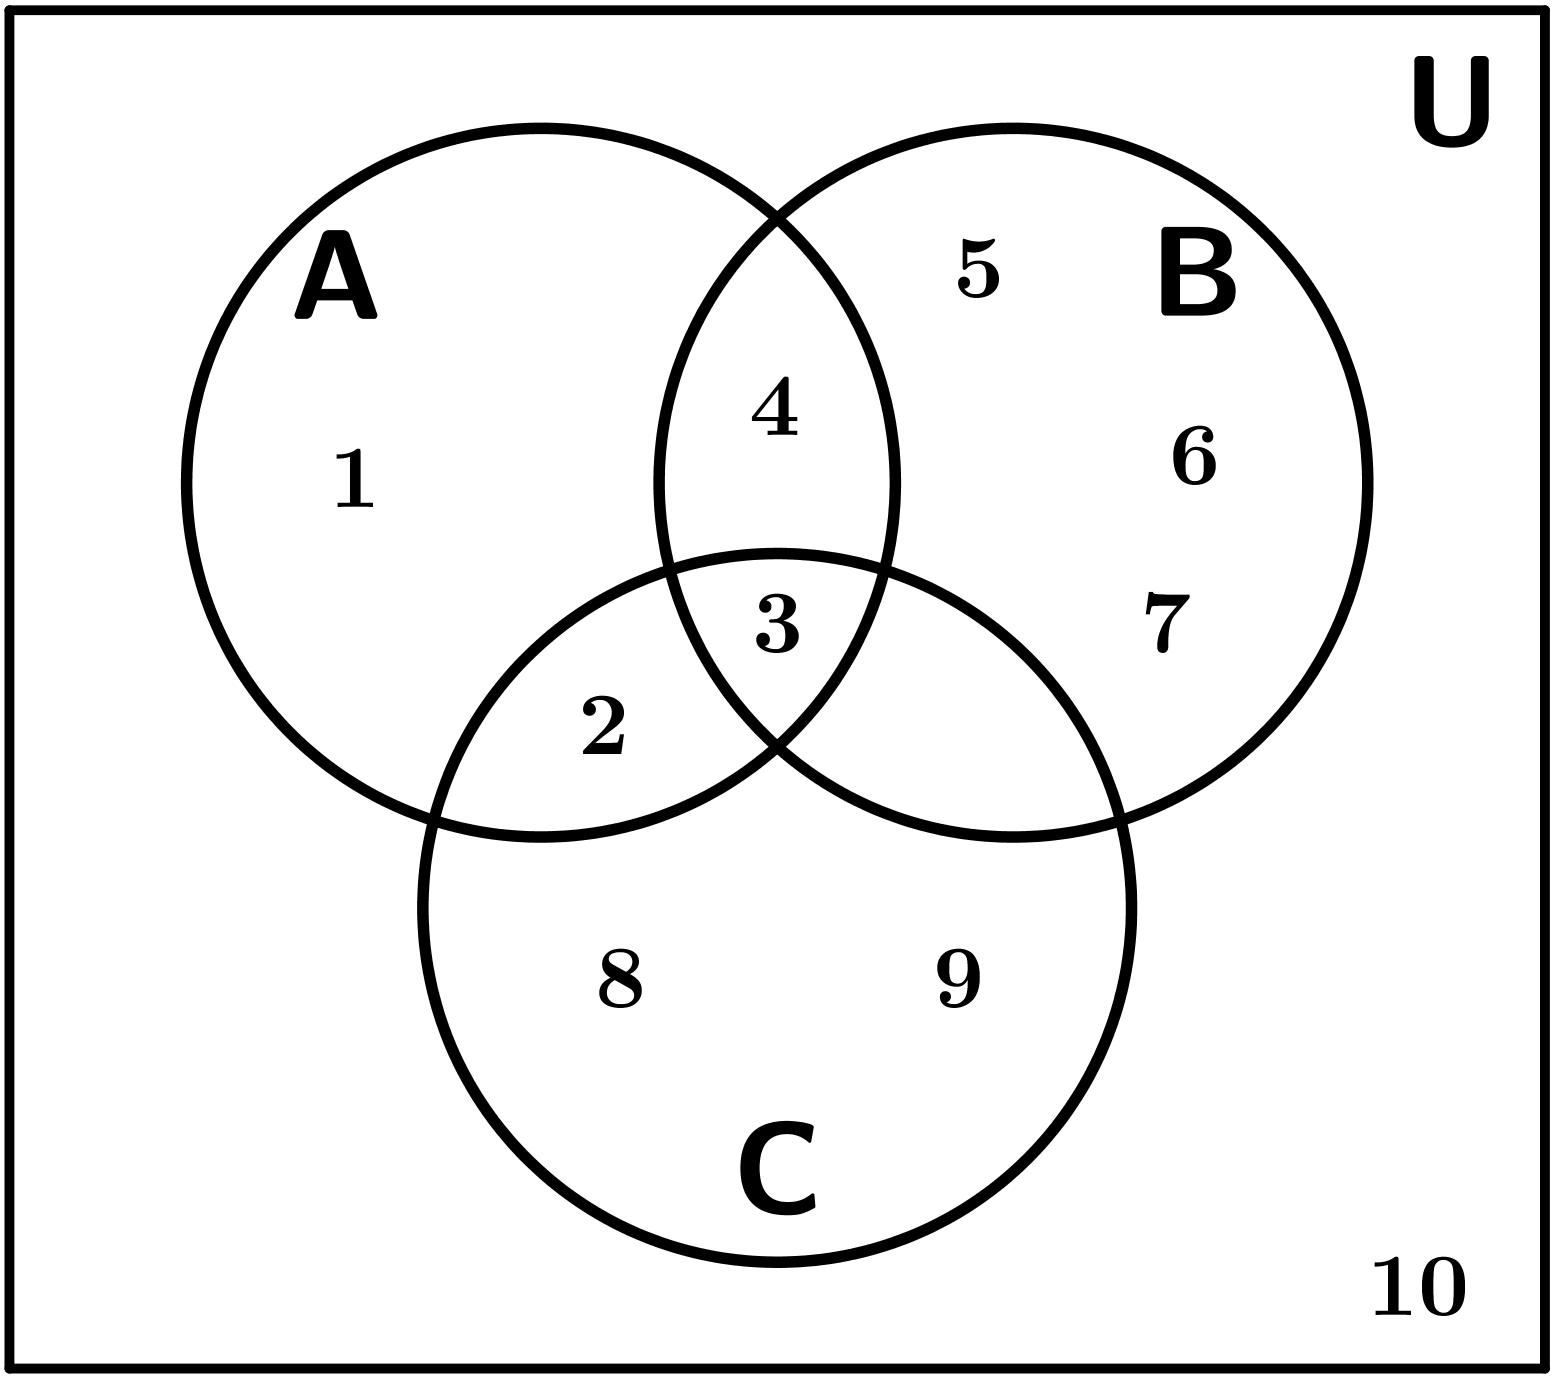 Diagramas de venn explicacin y ejemplos diagrama de venn ejemplo con nmeros ccuart Choice Image